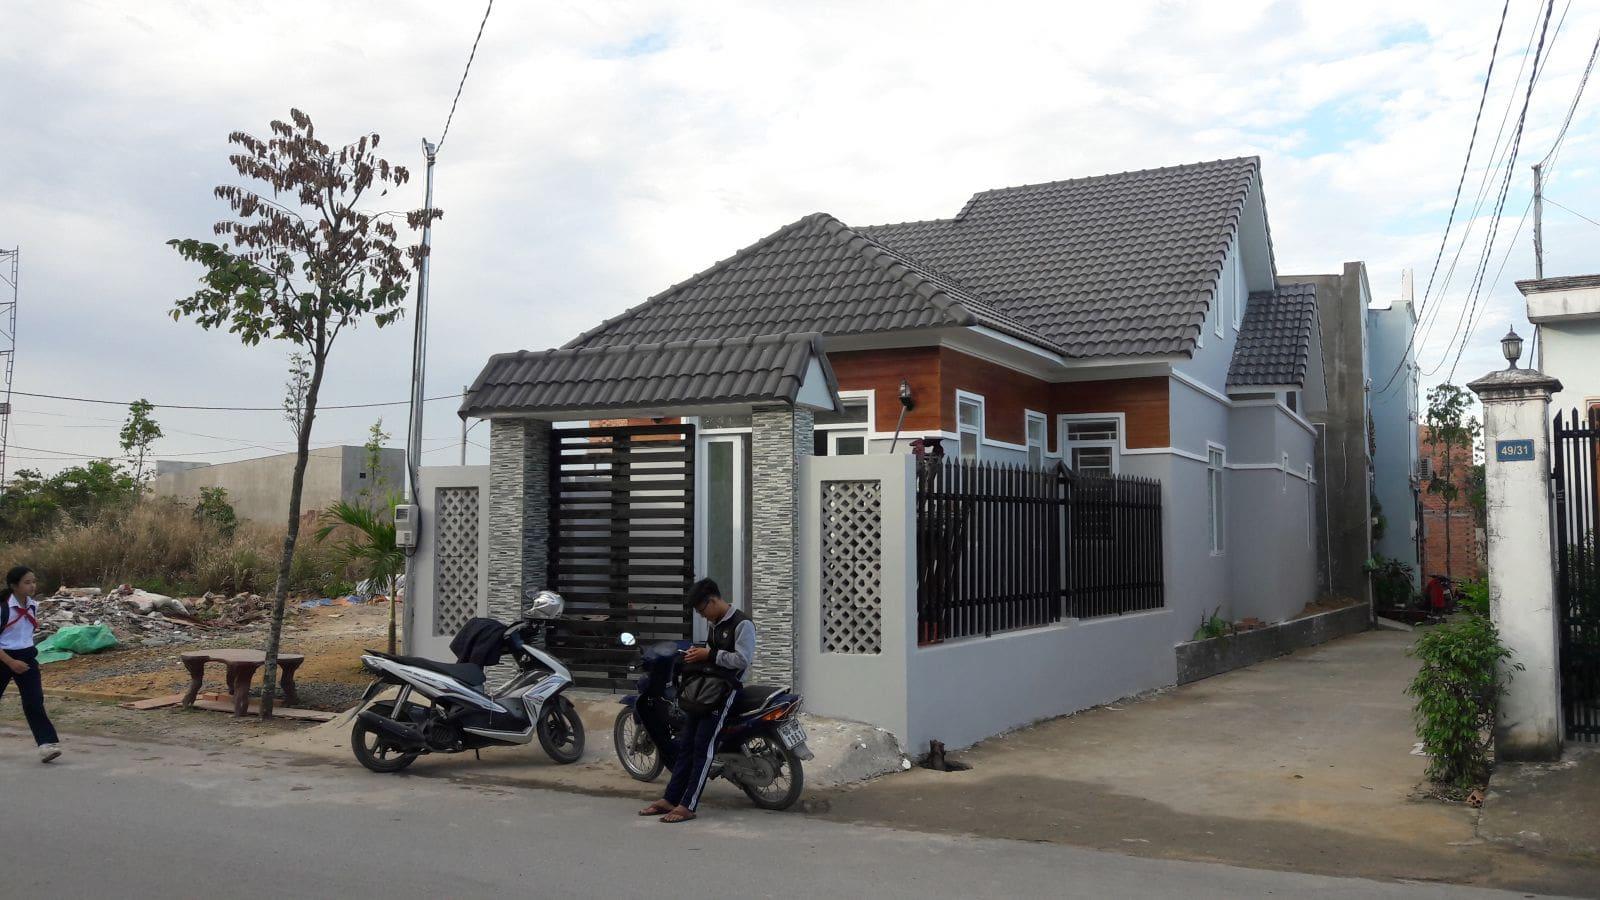 Thi công nhà cấp 4 mái thái cô Minh tại Biên Hòa - Ảnh thi công 7